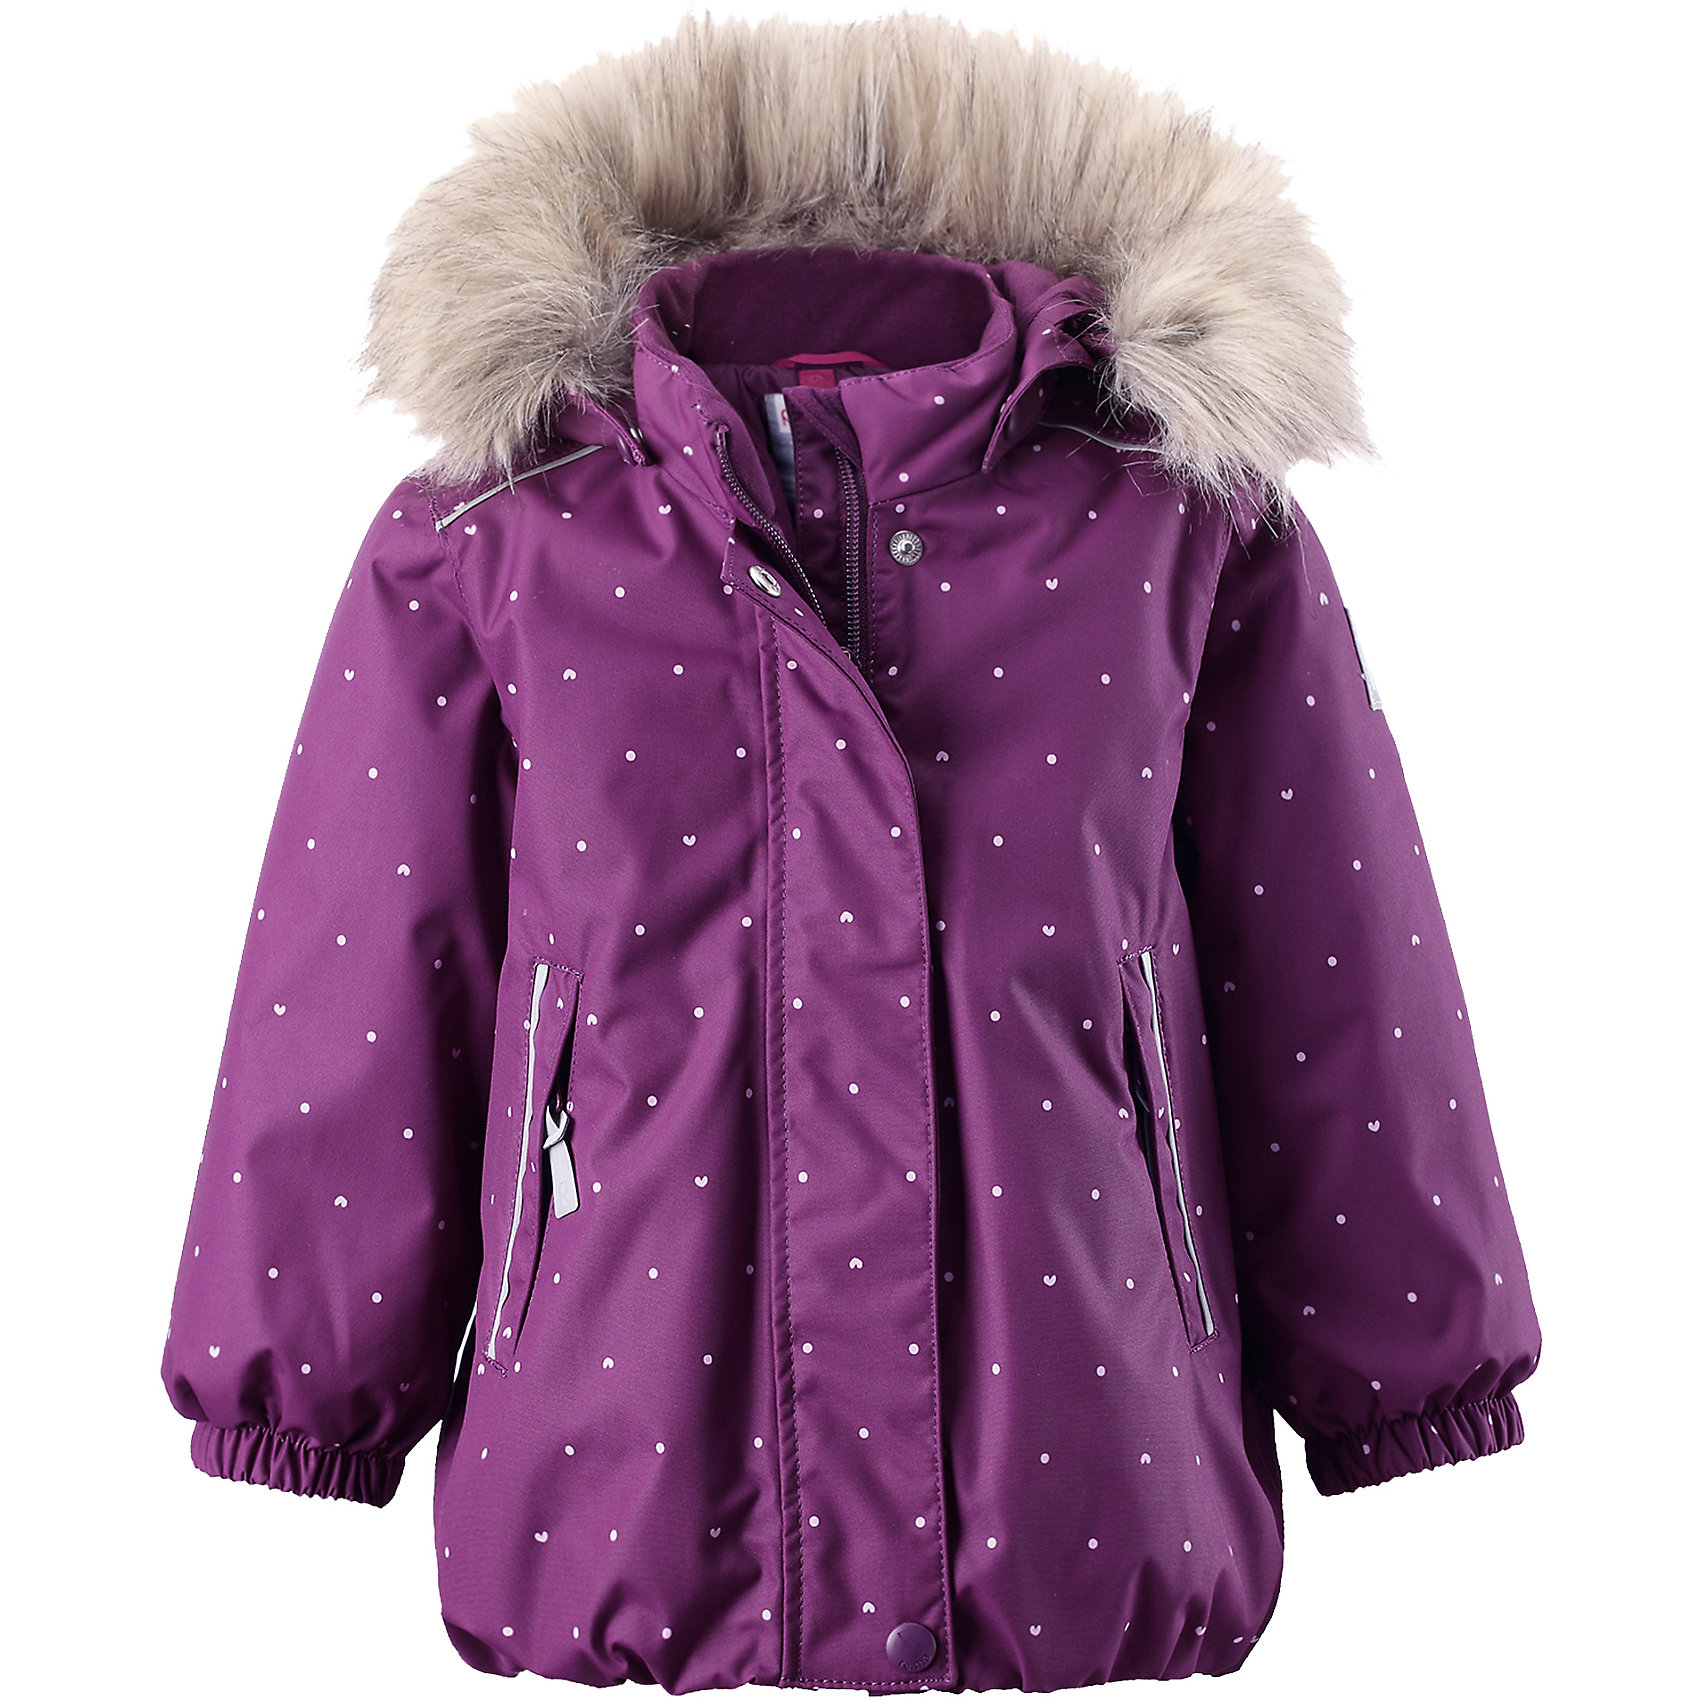 Куртка Muhvi для девочки Reimatec® ReimaКуртка для девочки Reimatec® Reima<br>Зимняя куртка для малышей. Все швы проклеены и водонепроницаемы. Водо- и ветронепроницаемый, «дышащий» и грязеотталкивающий материал. Крой для девочек. Гладкая подкладка из полиэстра. Безопасный съемный капюшон с отсоединяемой меховой каймой из искусственного меха. .Эластичный пояс сзад иЭластичные подол и манжеты. Регулируемый подол. Два кармана на молнии. Принт по всей поверхности. Безопасные светоотражающие детали.<br>Утеплитель: Reima® Soft Loft insulation,160 g<br>Уход:<br>Стирать по отдельности, вывернув наизнанку. Перед стиркой отстегните искусственный мех. Застегнуть молнии и липучки. Стирать моющим средством, не содержащим отбеливающие вещества. Полоскать без специального средства. Во избежание изменения цвета изделие необходимо вынуть из стиральной машинки незамедлительно после окончания программы стирки. Можно сушить в сушильном шкафу или центрифуге (макс. 40° C).<br>Состав:<br>100% Полиамид, полиуретановое покрытие<br><br>Ширина мм: 464<br>Глубина мм: 340<br>Высота мм: 53<br>Вес г: 585<br>Цвет: фиолетовый<br>Возраст от месяцев: 12<br>Возраст до месяцев: 18<br>Пол: Женский<br>Возраст: Детский<br>Размер: 92,86,80,98<br>SKU: 4776016